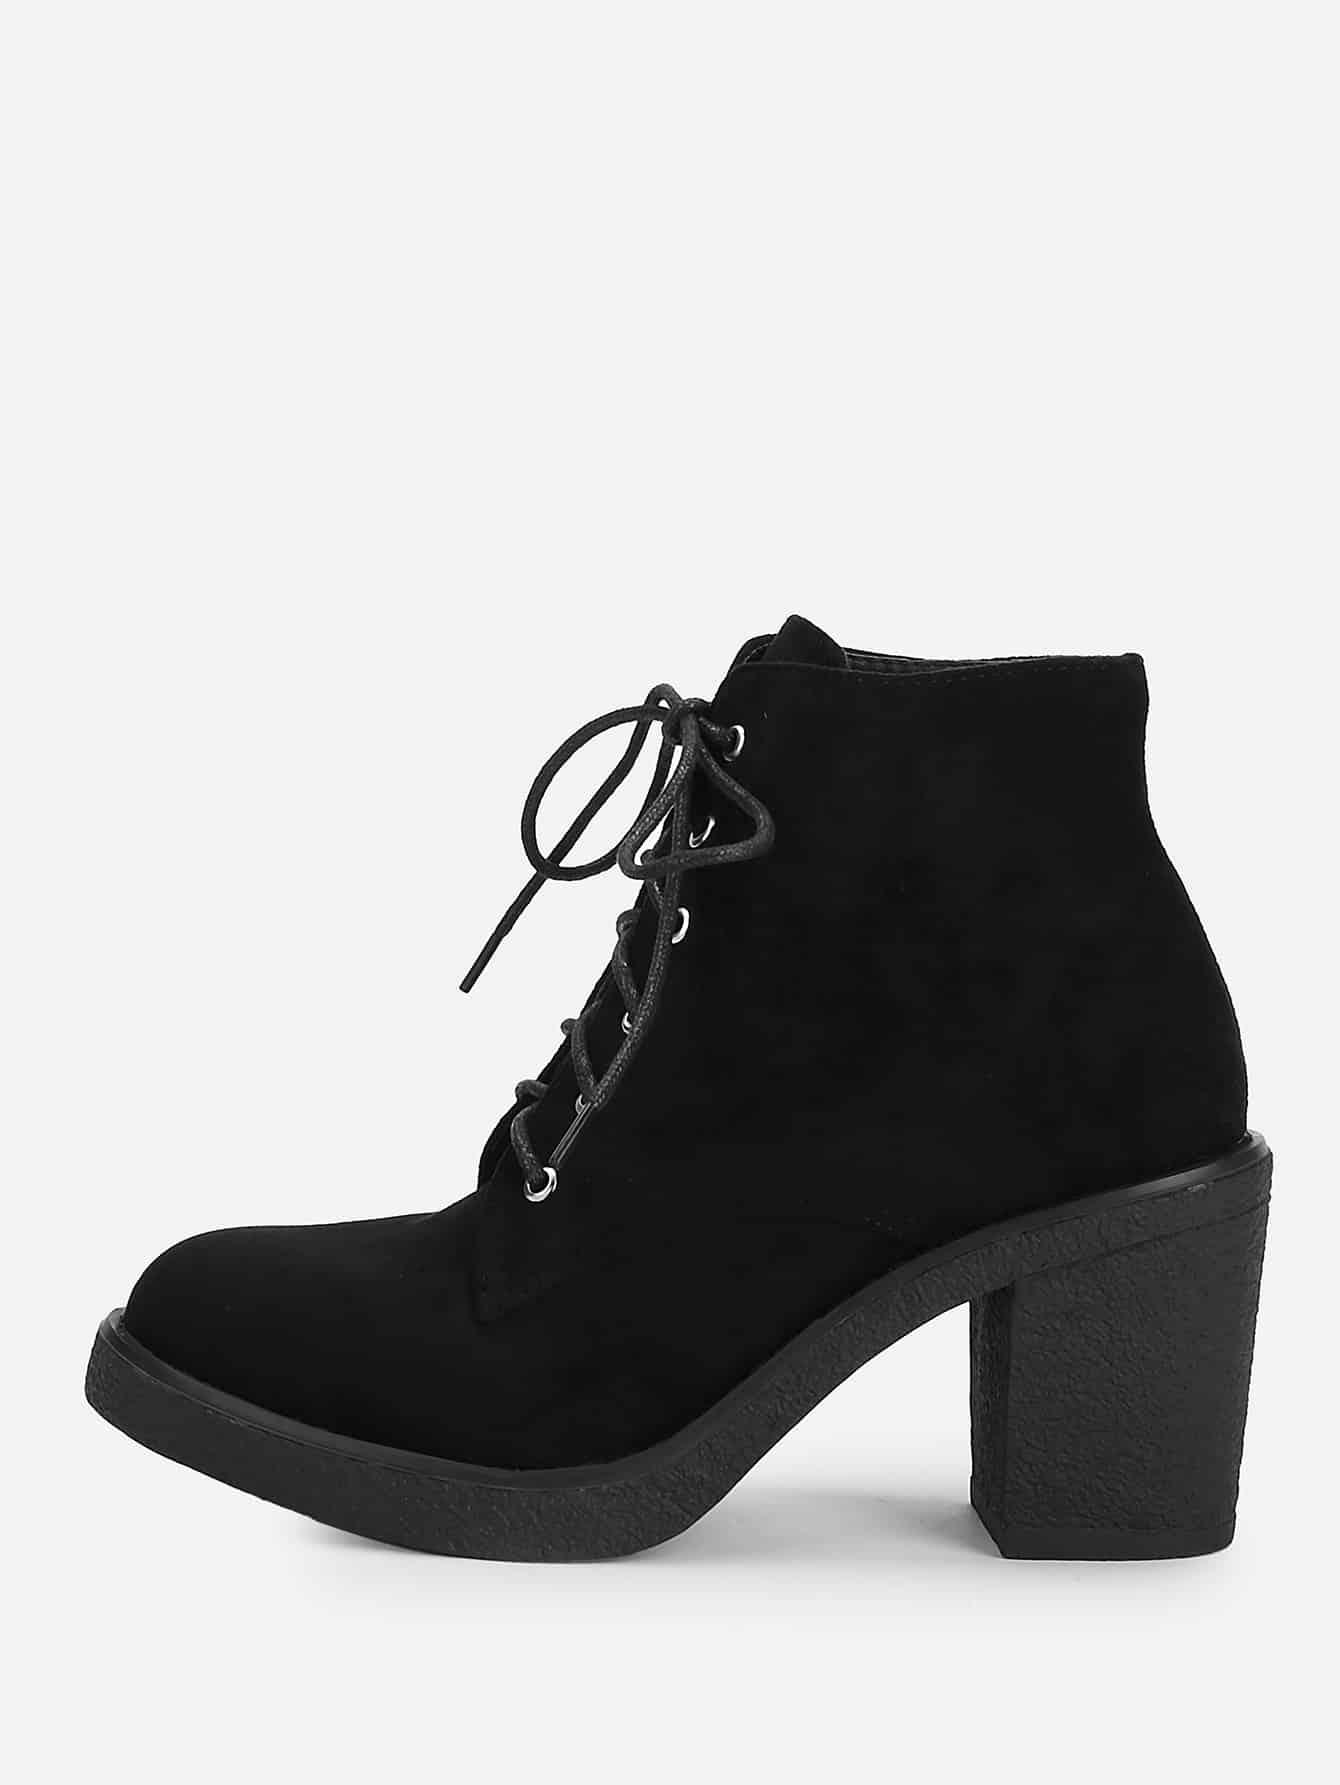 Купить Короткие сапоги на высоких каблуках с шнурками, null, SheIn